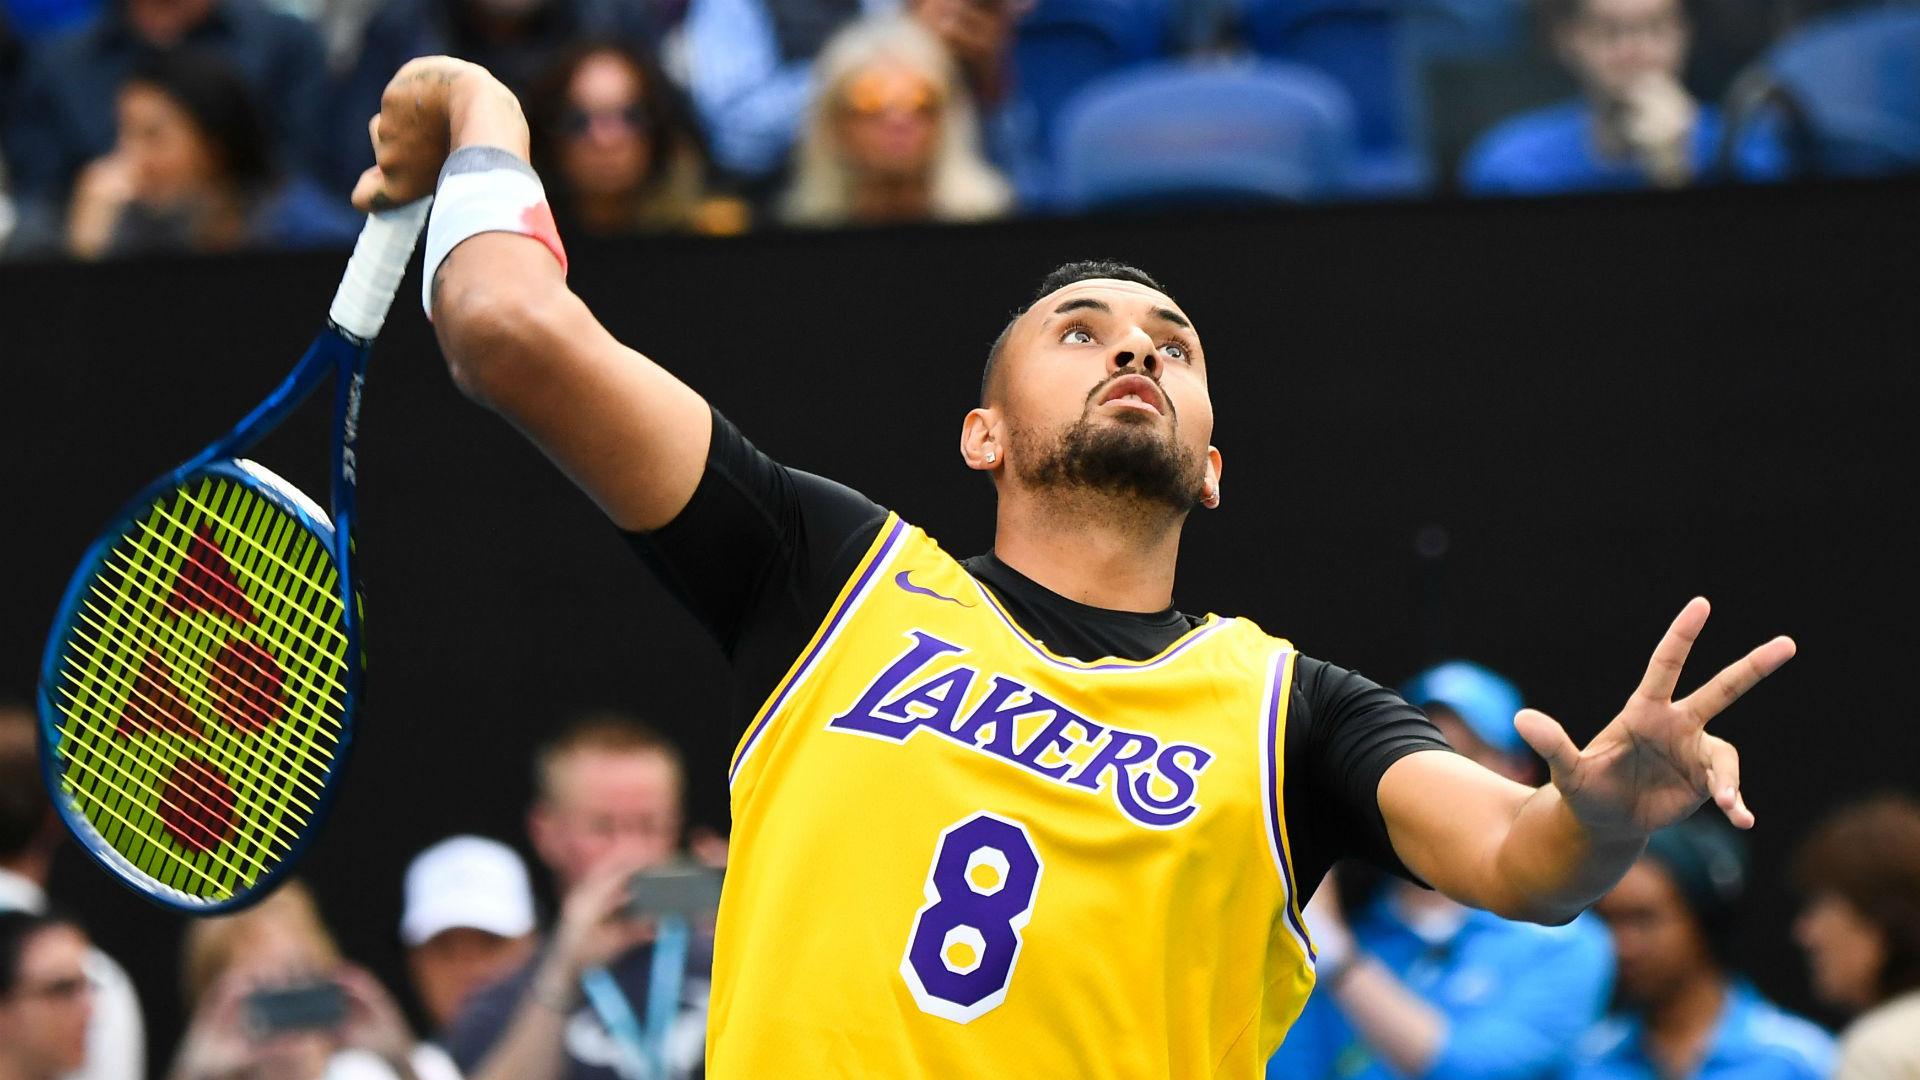 Nick Kyrgios, fanático de toda la vida de la NBA, compite con un corazón pesado cuando la muerte de Kobe Bryant llega al Abierto de Australia 2